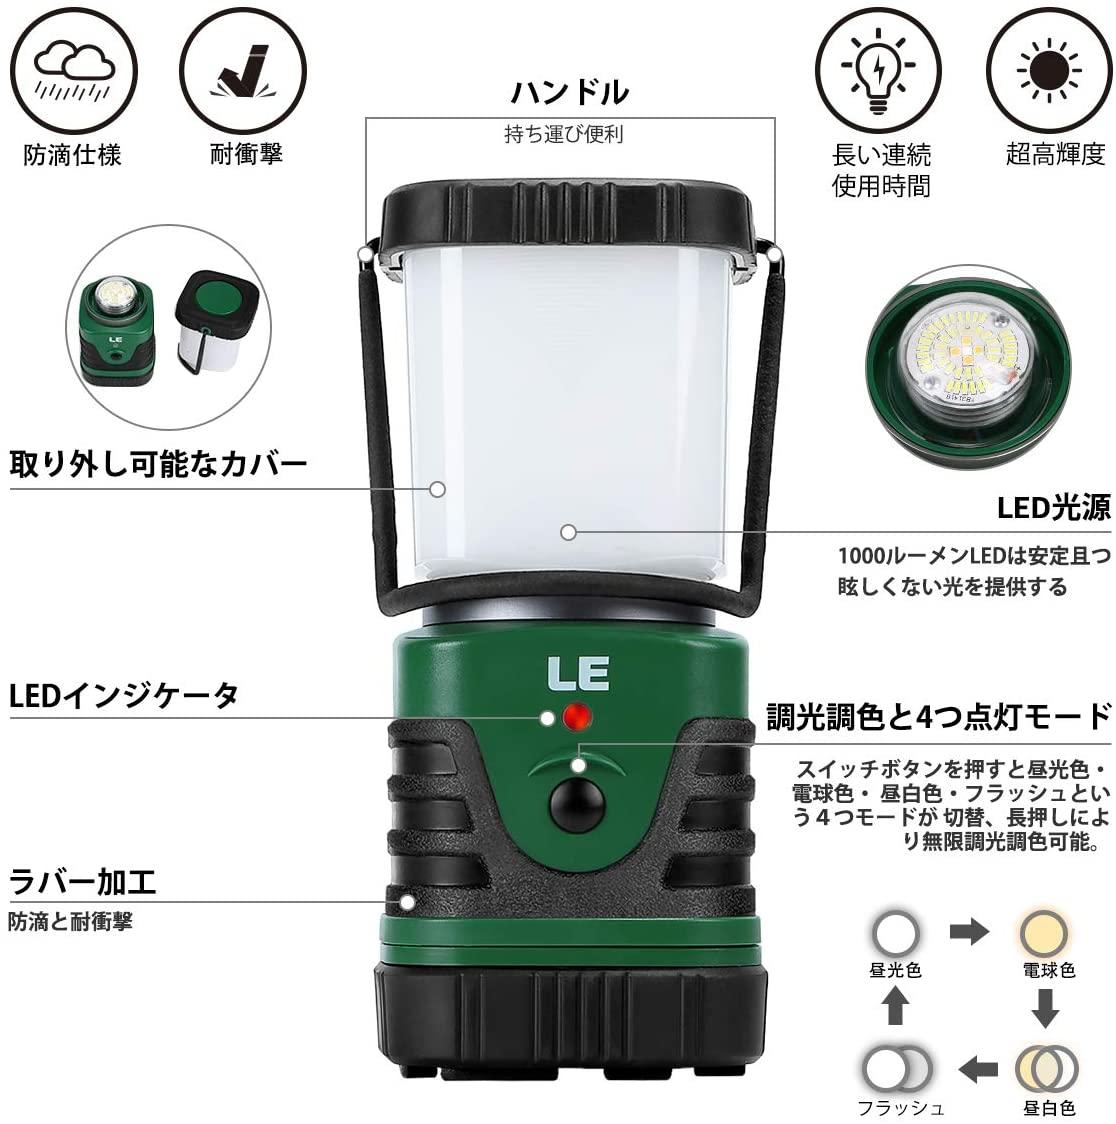 (貸出備品)LEDパワーバンクランタン 超高輝度1000ルーメン USB充電式